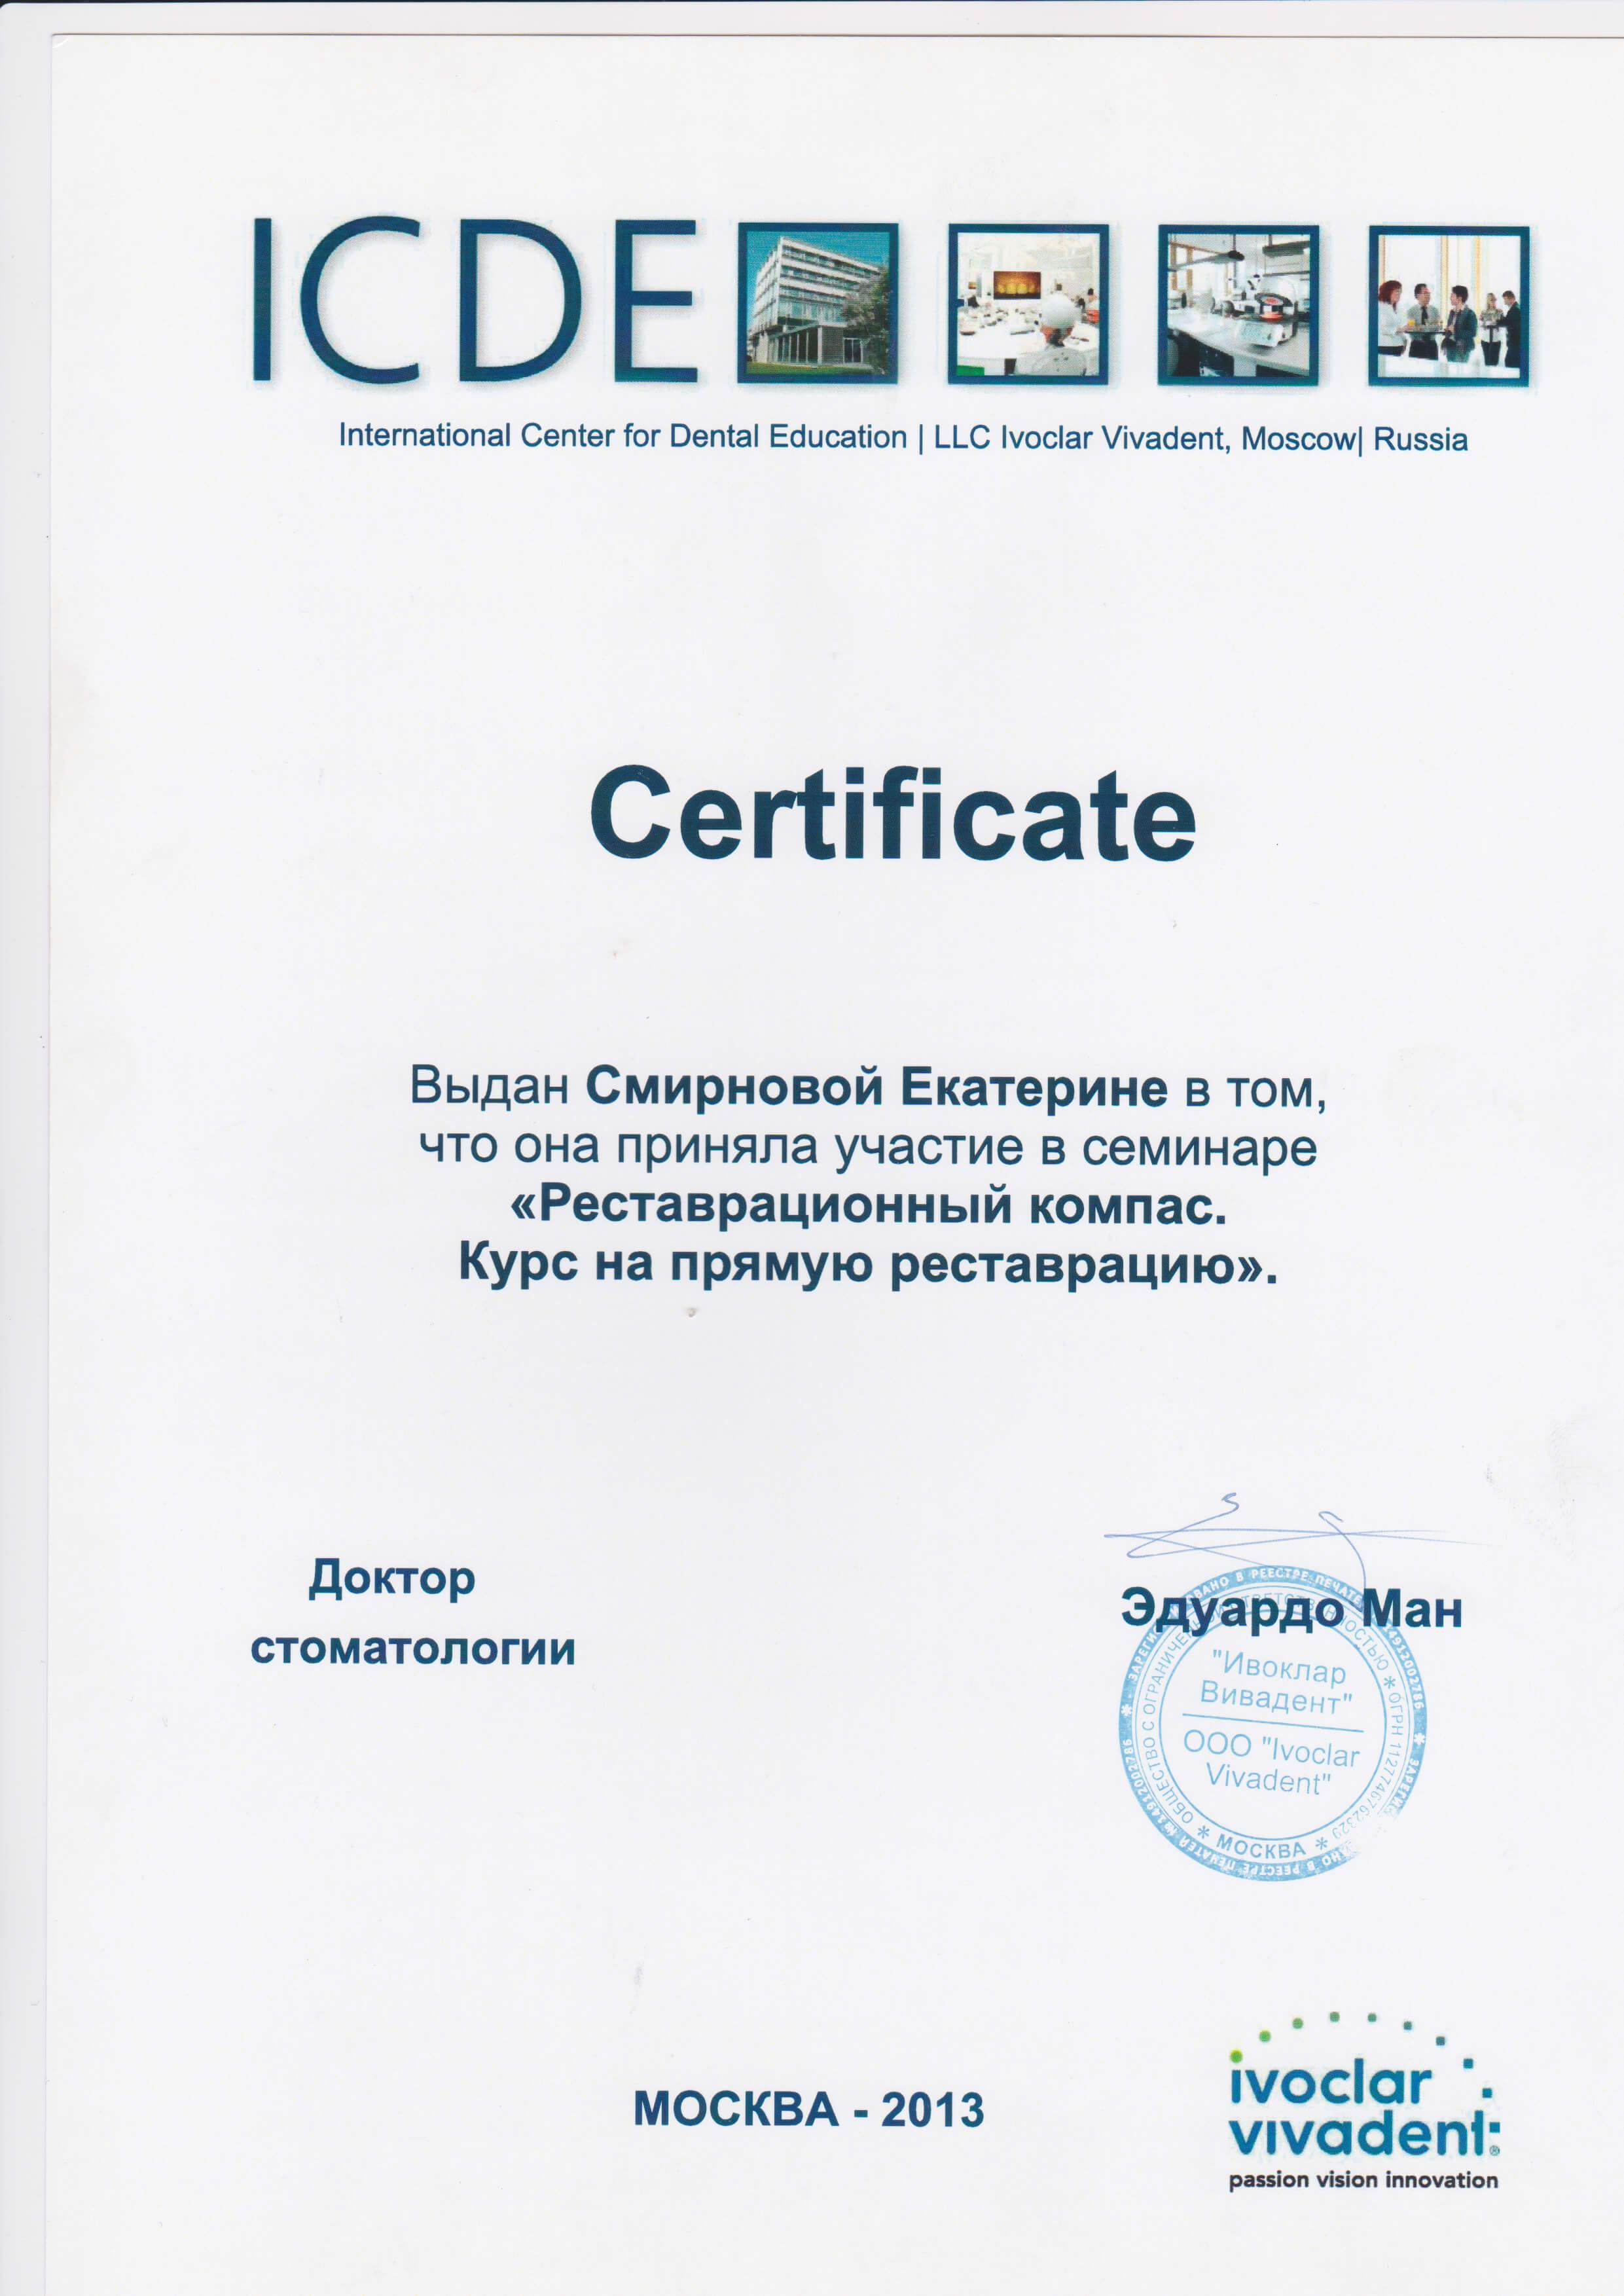 imgonline-com-ua-CompressBySize-dy2IxSYSnF9f5Y9r